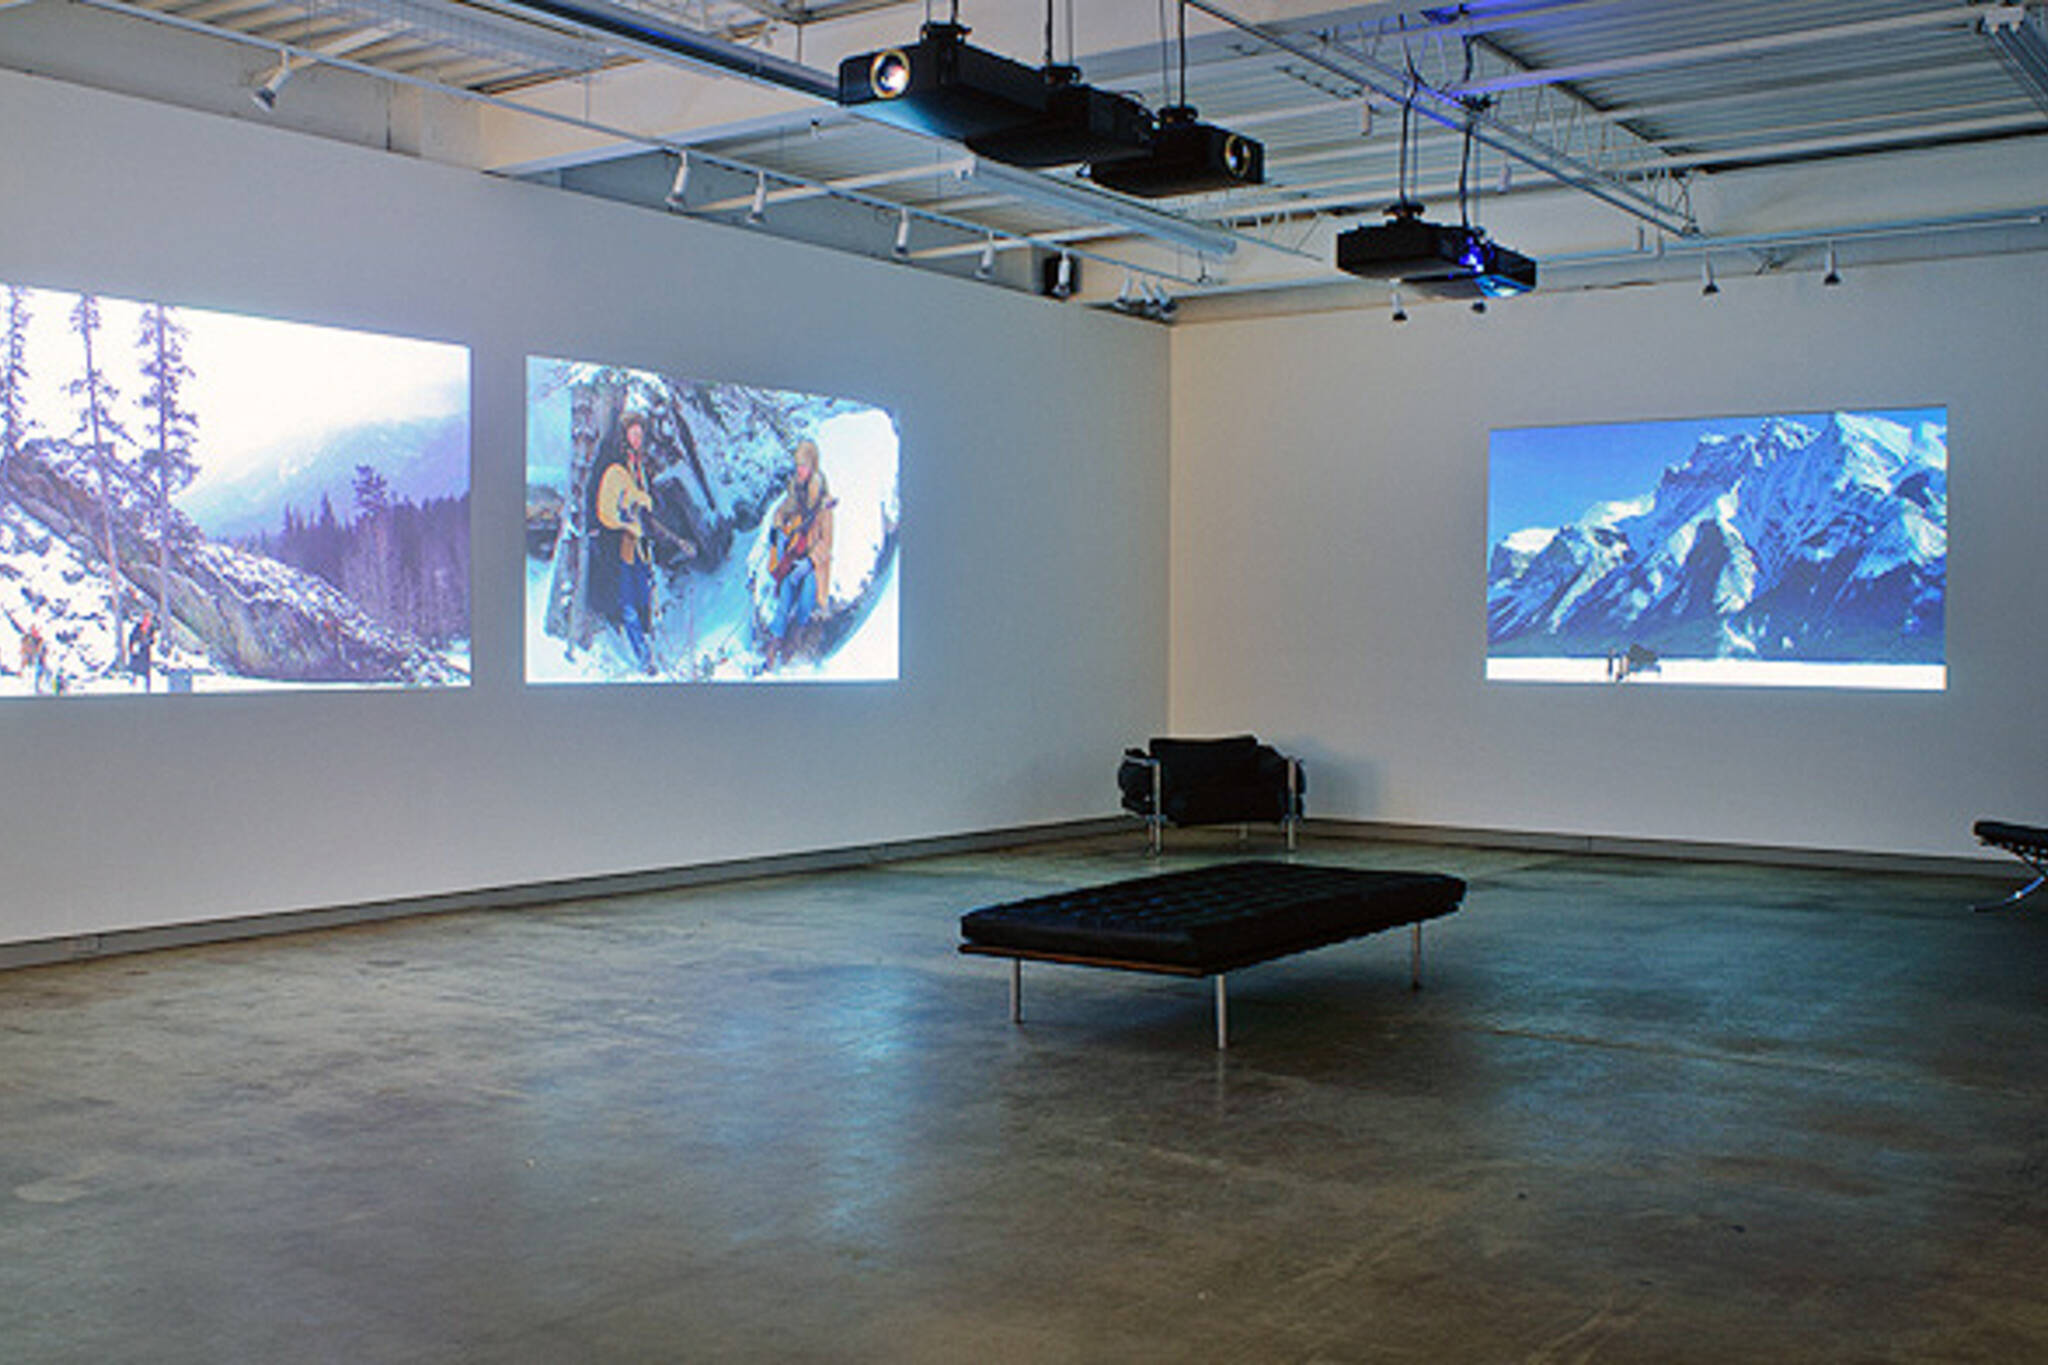 Bloor Lansdowne Art Gallery